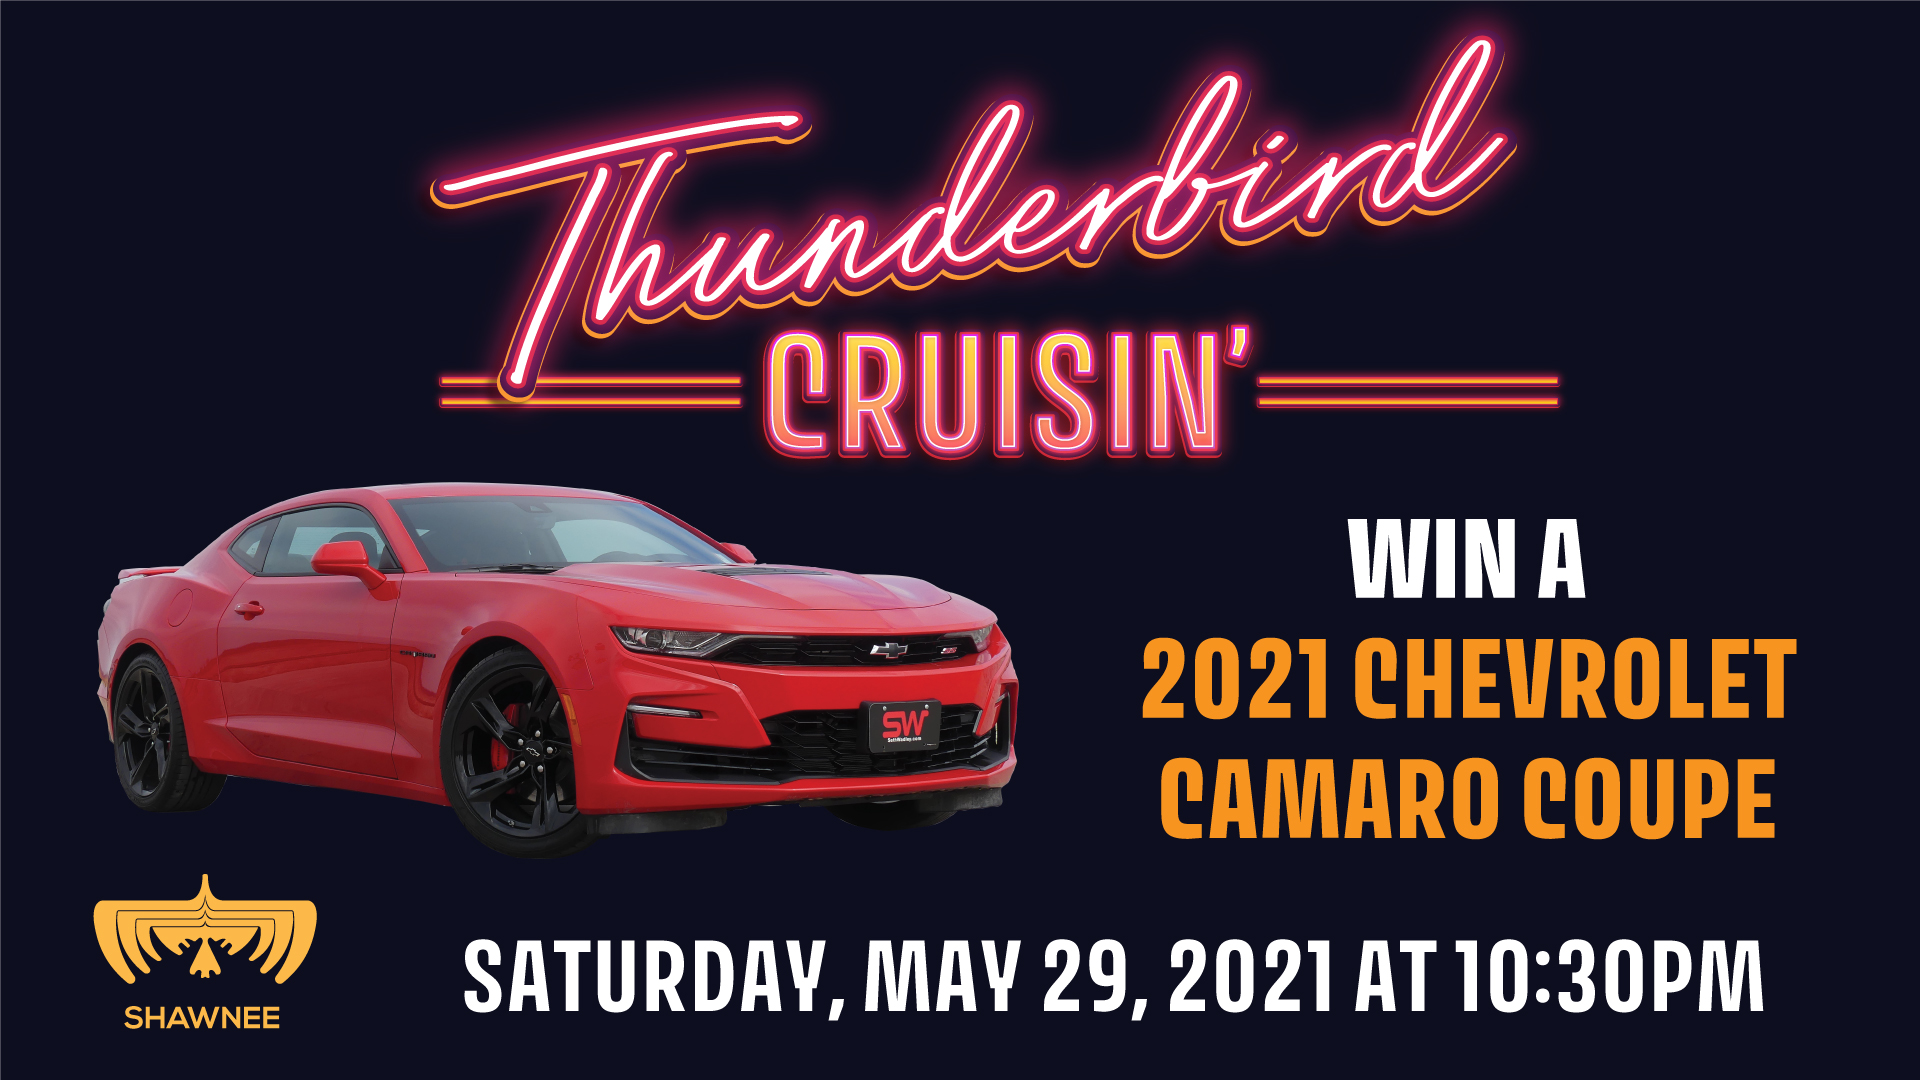 TBC-Thunderbird-Cruisin-Digital-TV